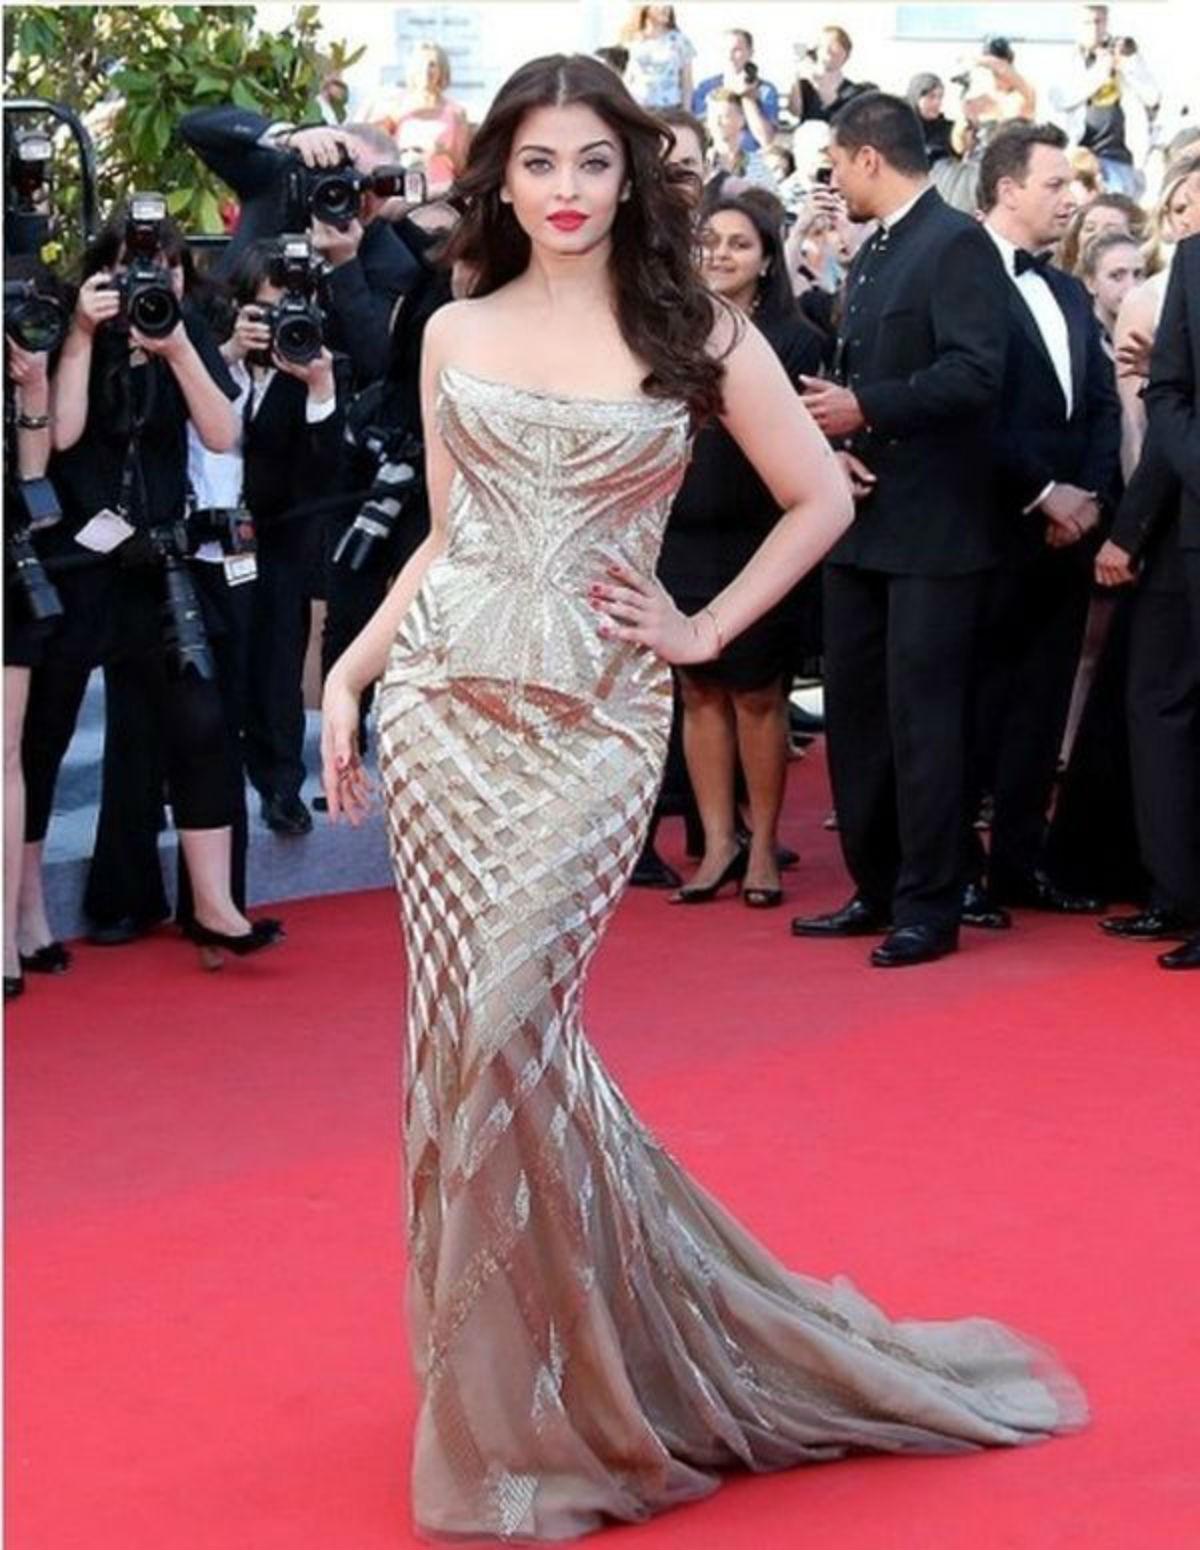 Одна из самых красивых женщин мира в изумительном платье! Завораживающее зрелище